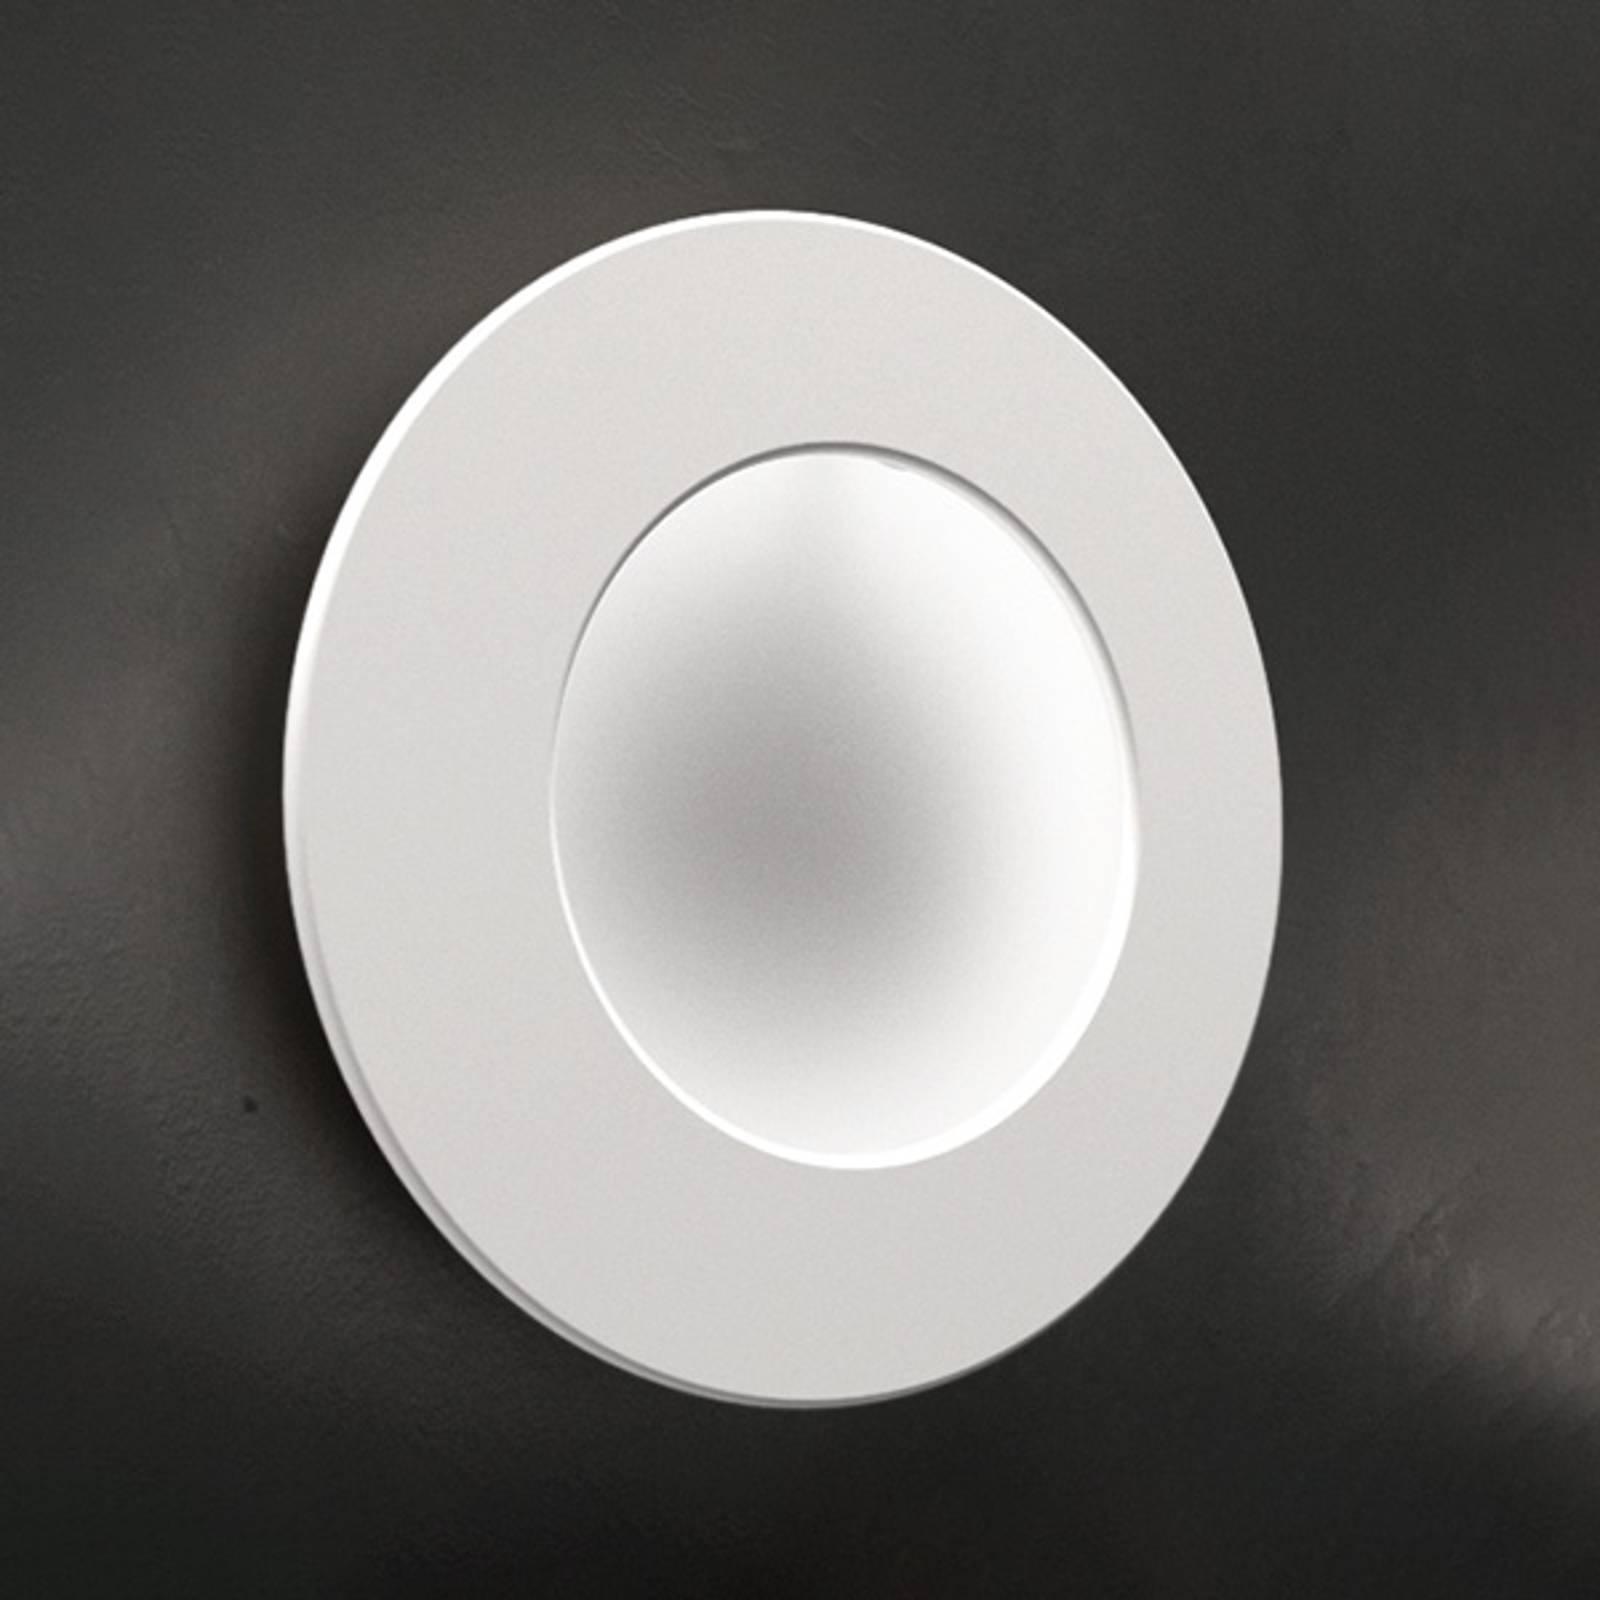 ICONE Vera 26 -LED-seinävalaisin, valkoinen